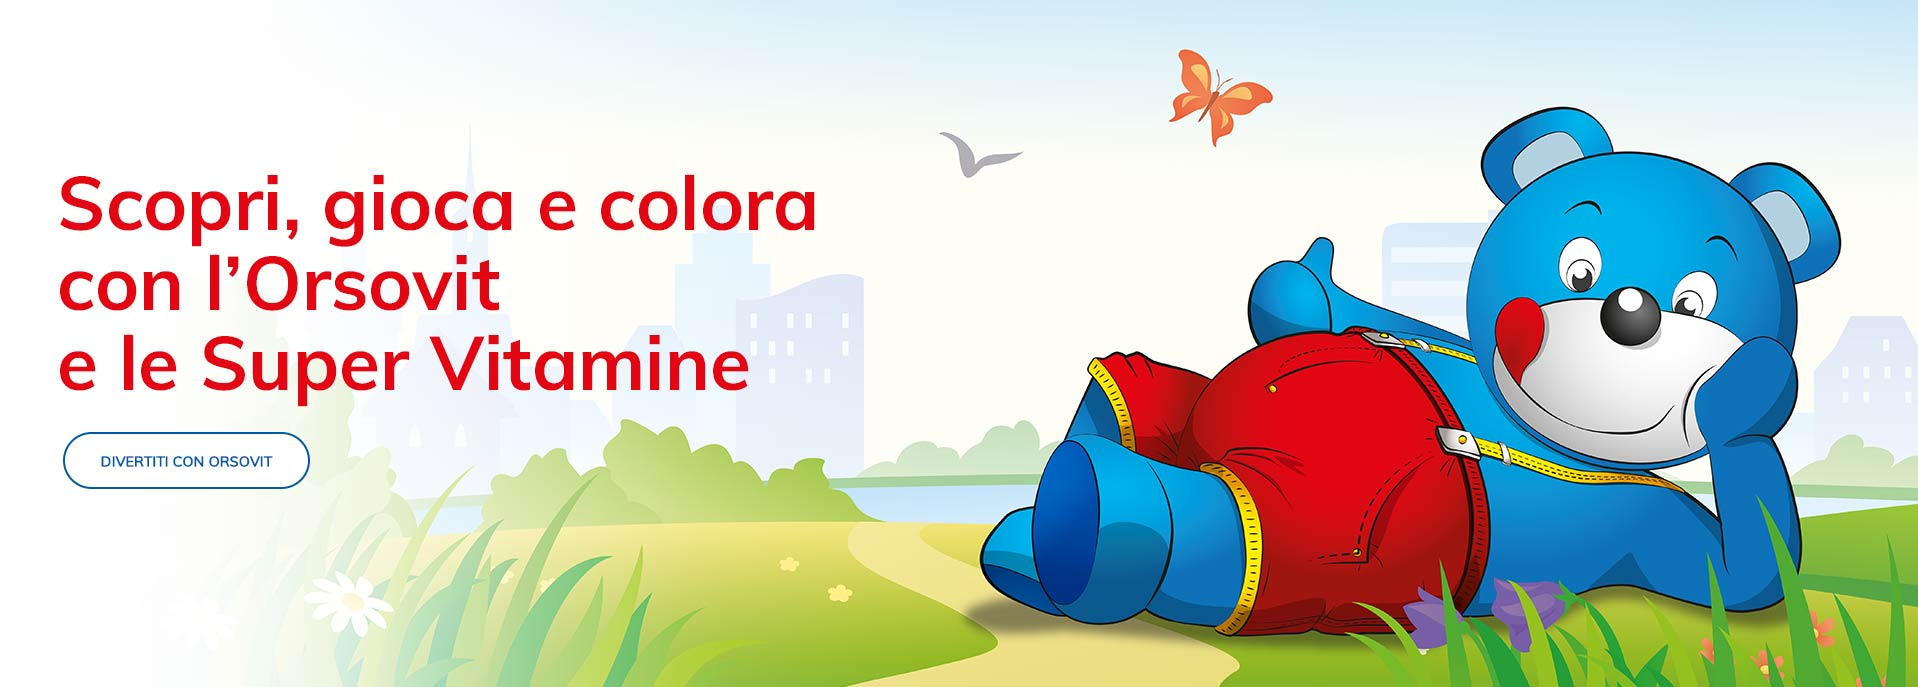 Spiegare vitamine bambini gioco personaggi Orsovit